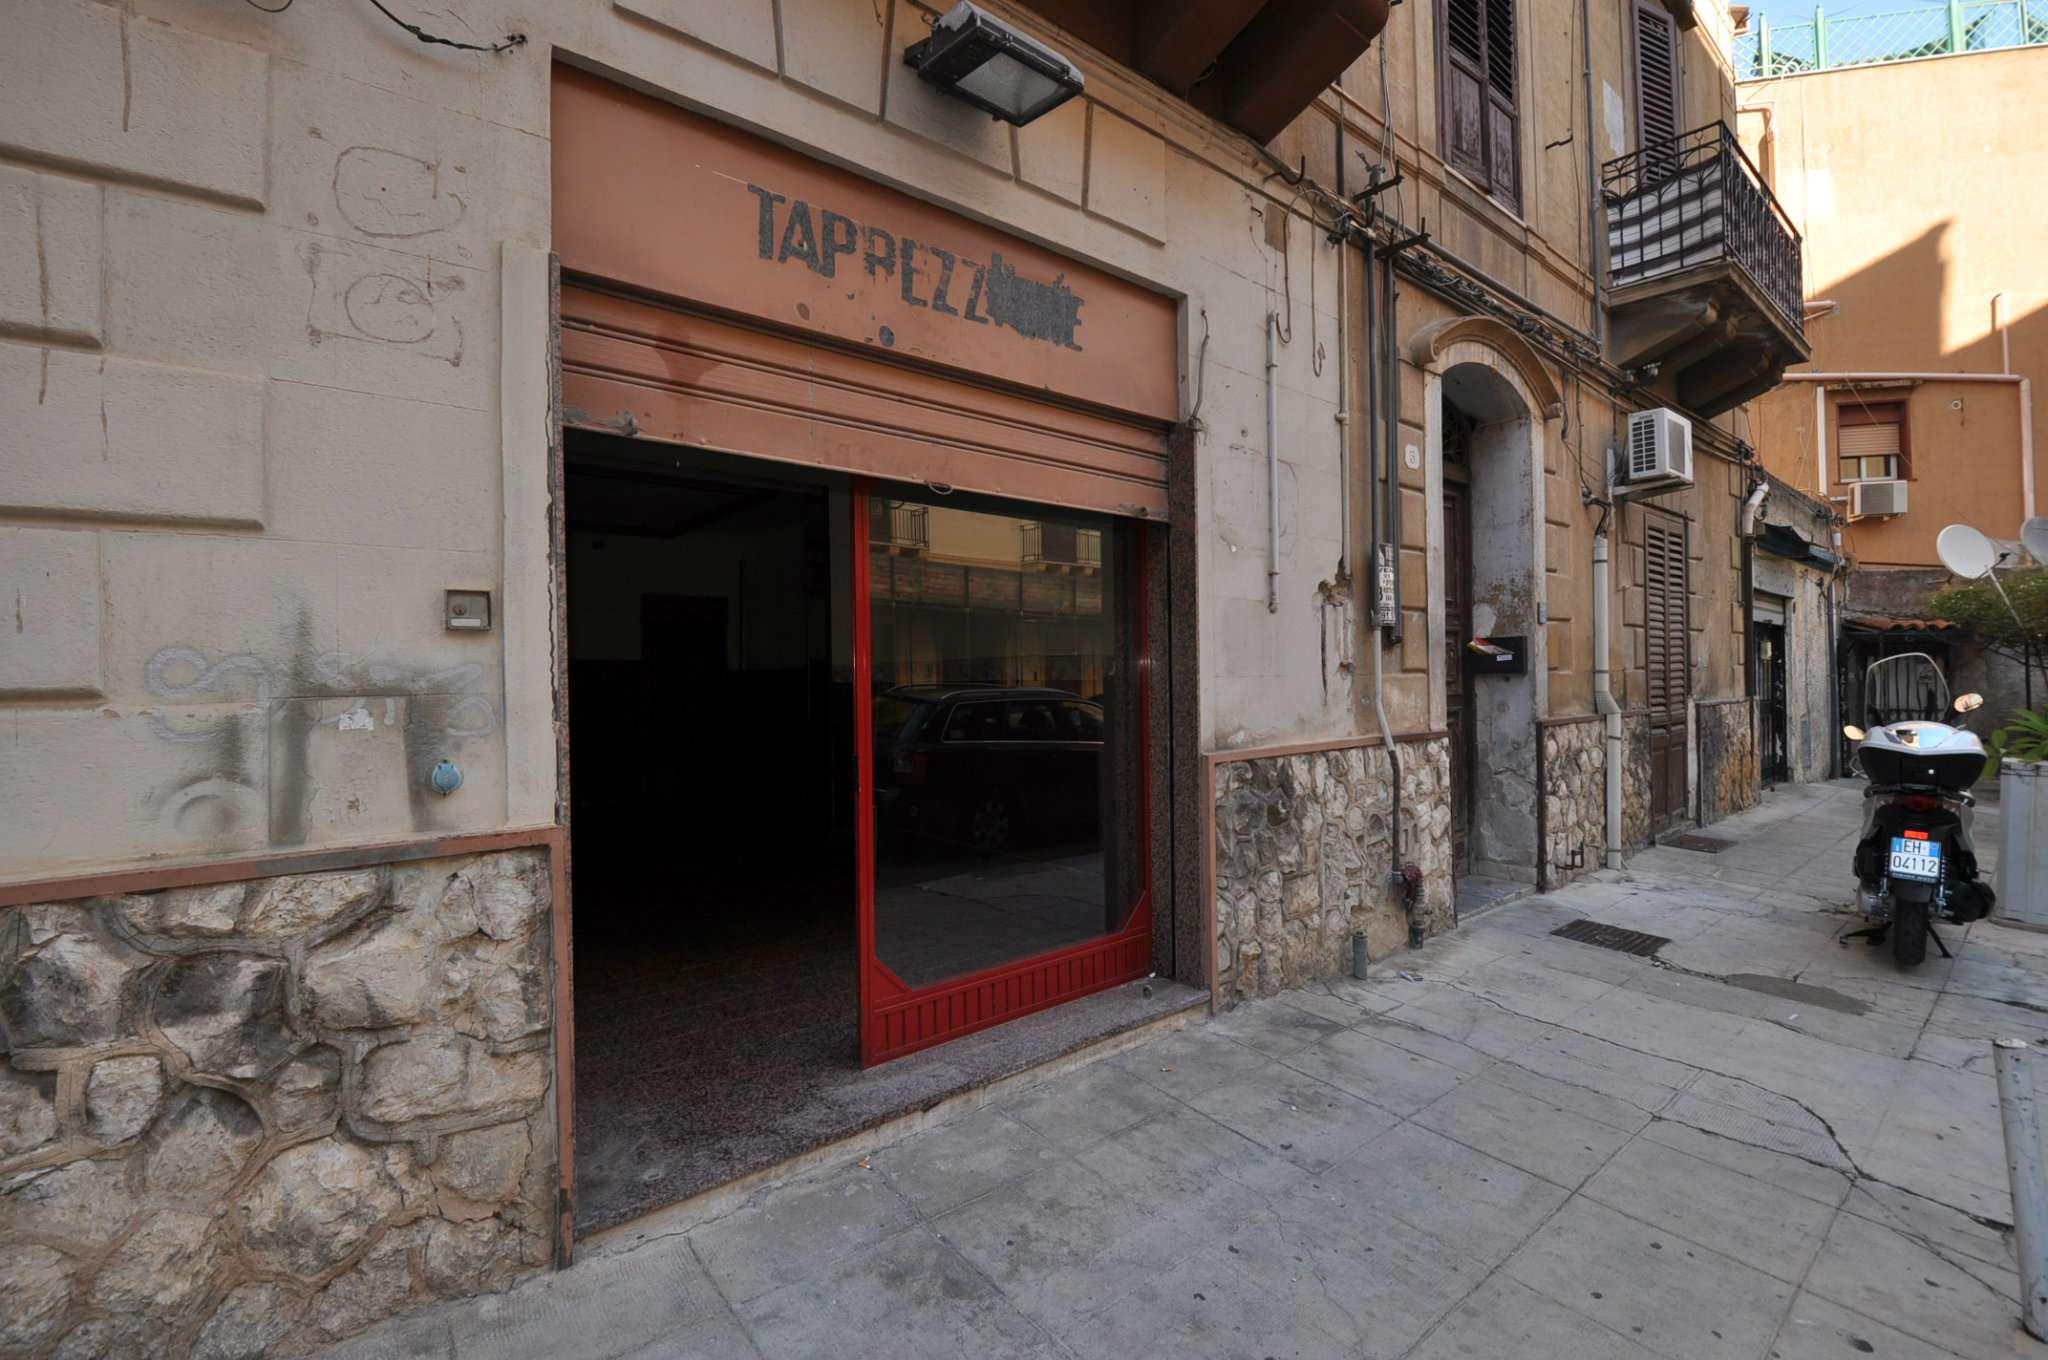 Negozio-locale in Vendita a Palermo: 3 locali, 60 mq